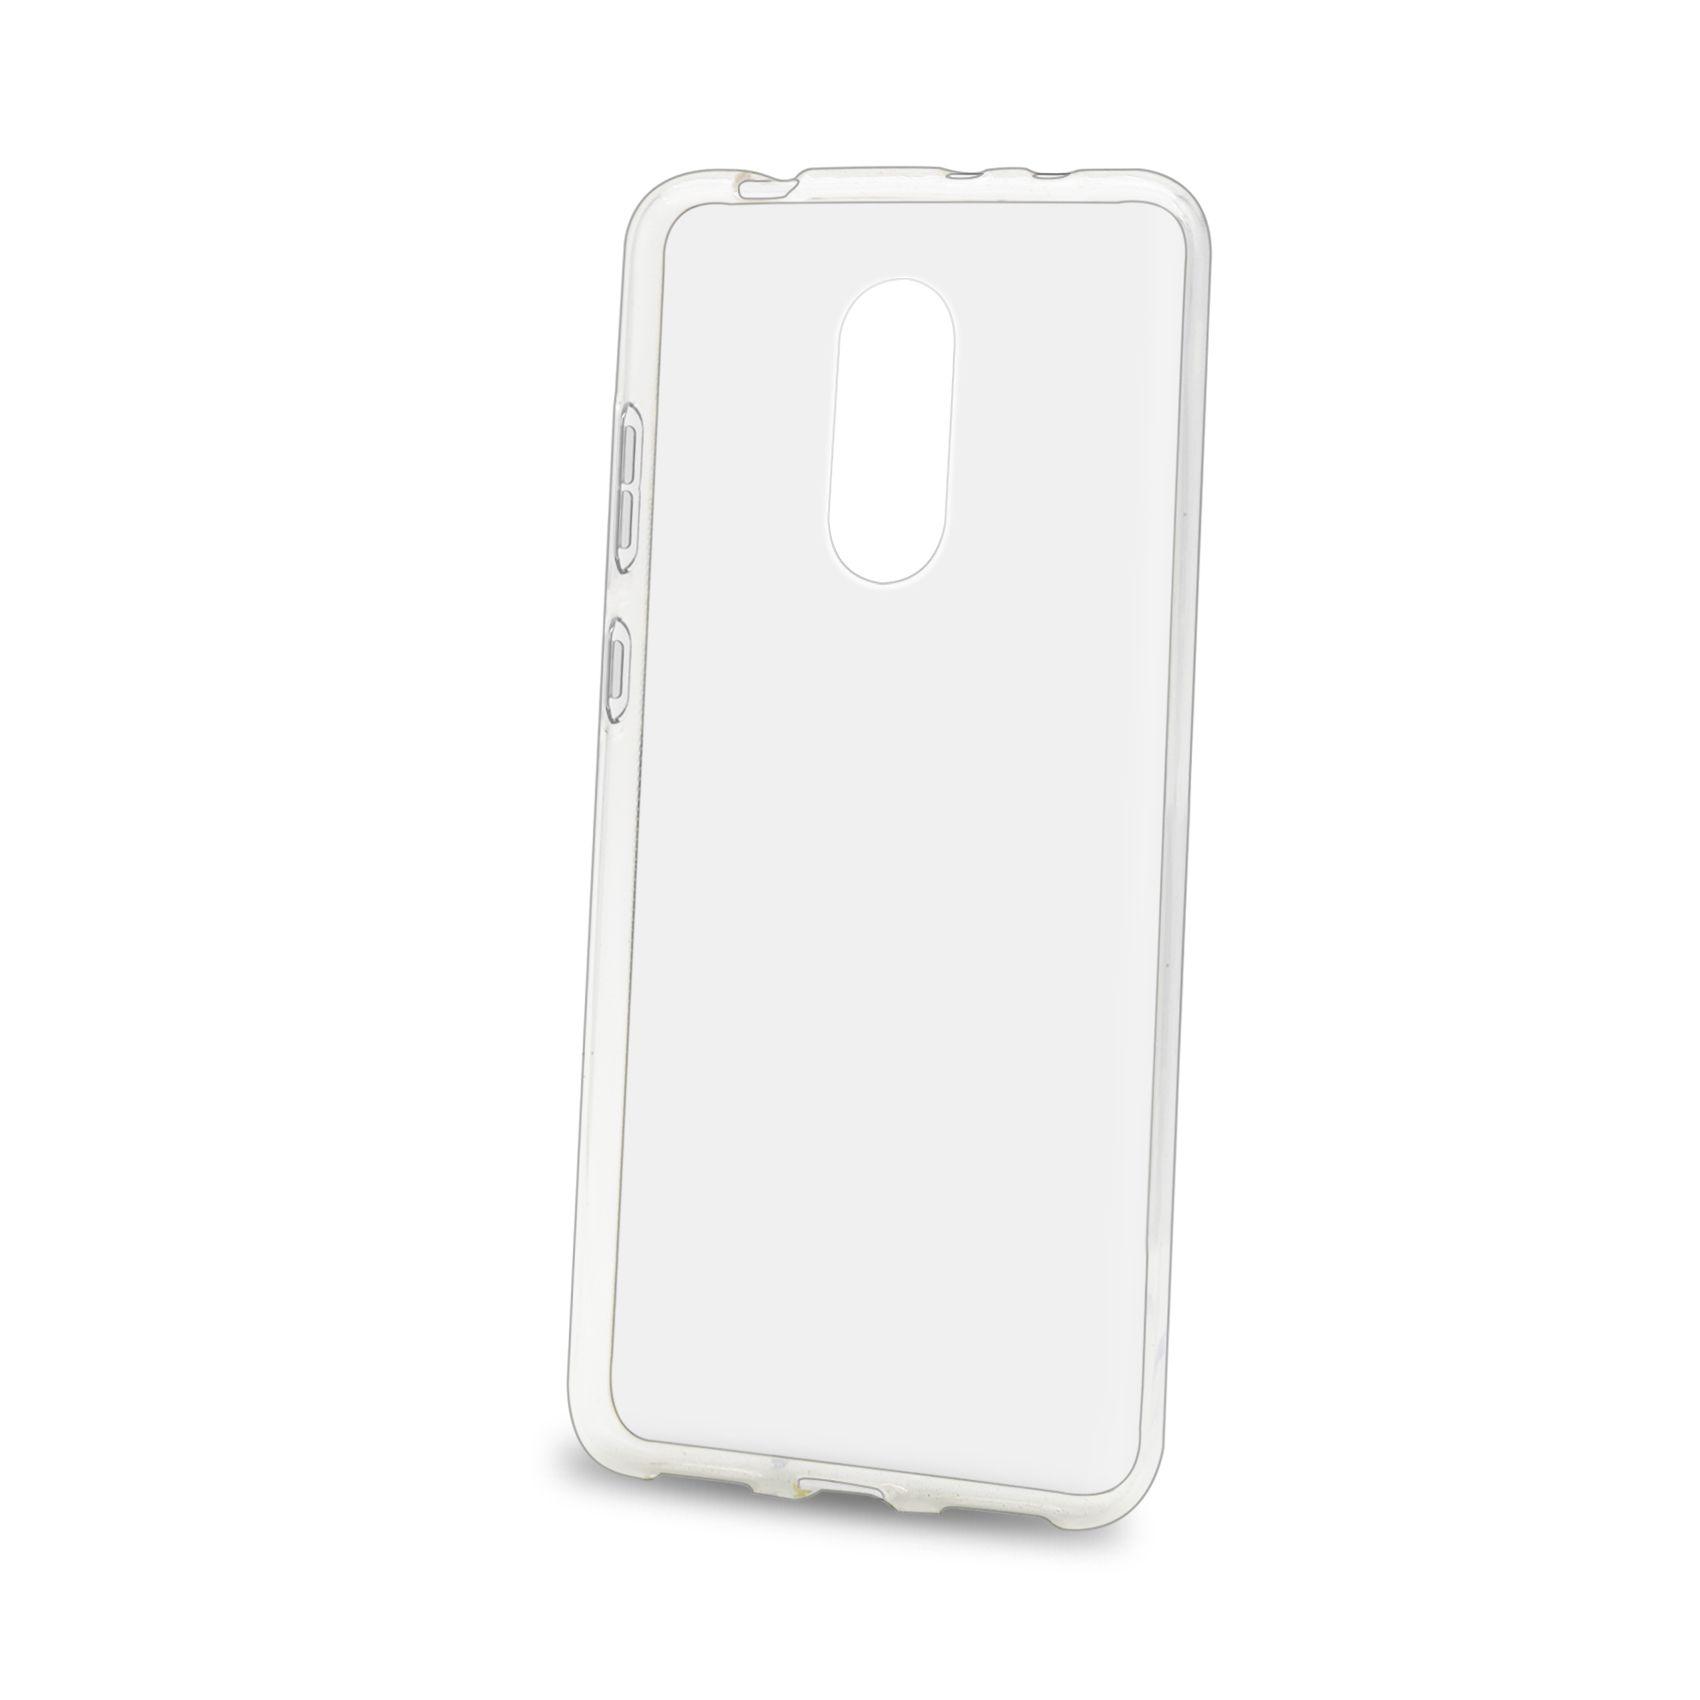 TPU pouzdro CELLY Gelskin pro Xiaomi Redmi 5, bezbarvé